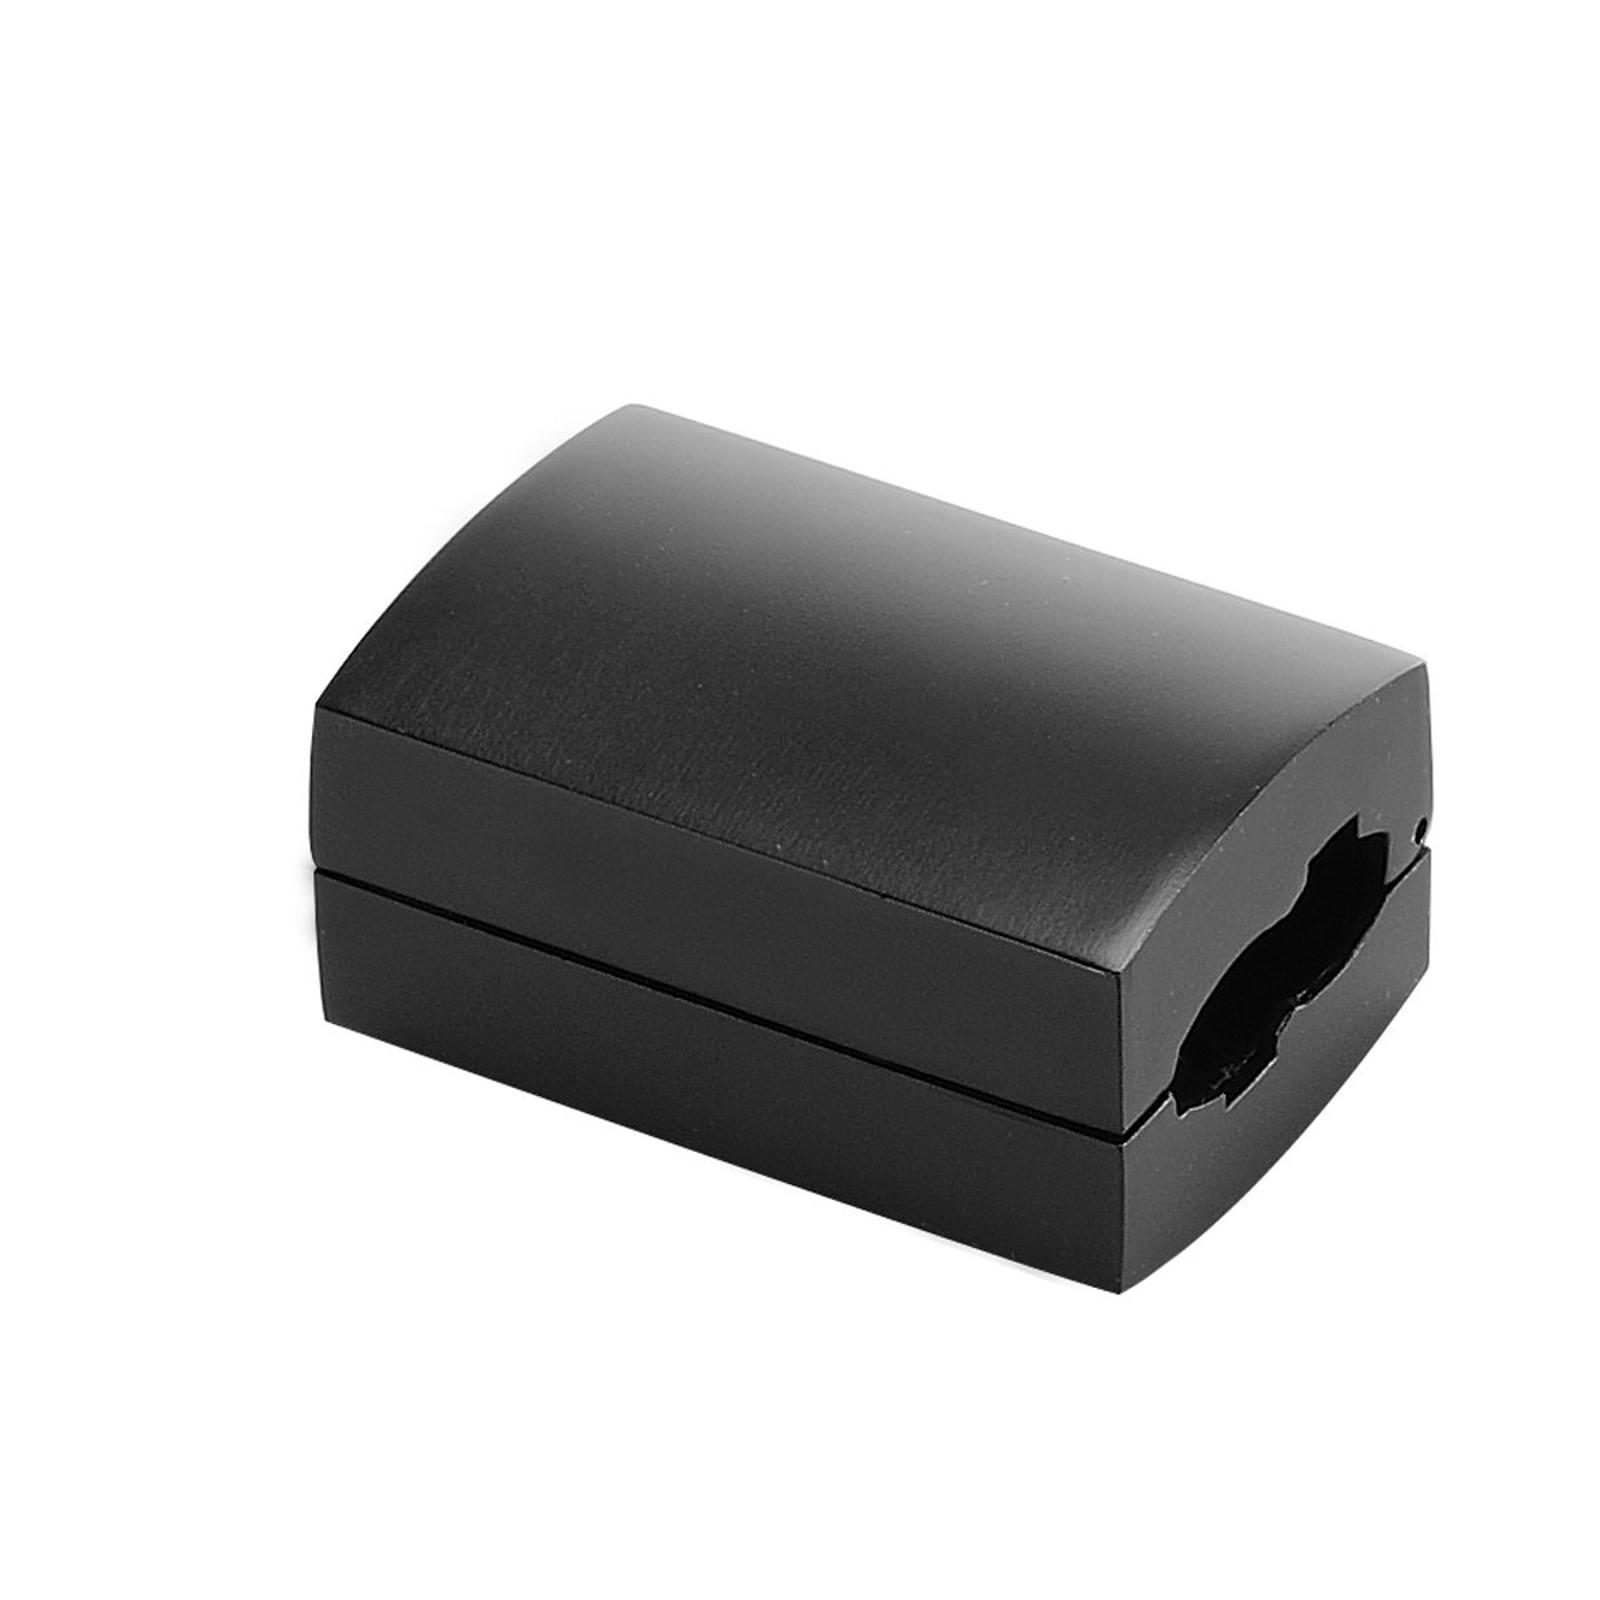 SLV EASYTEC II connecteur isolant noir